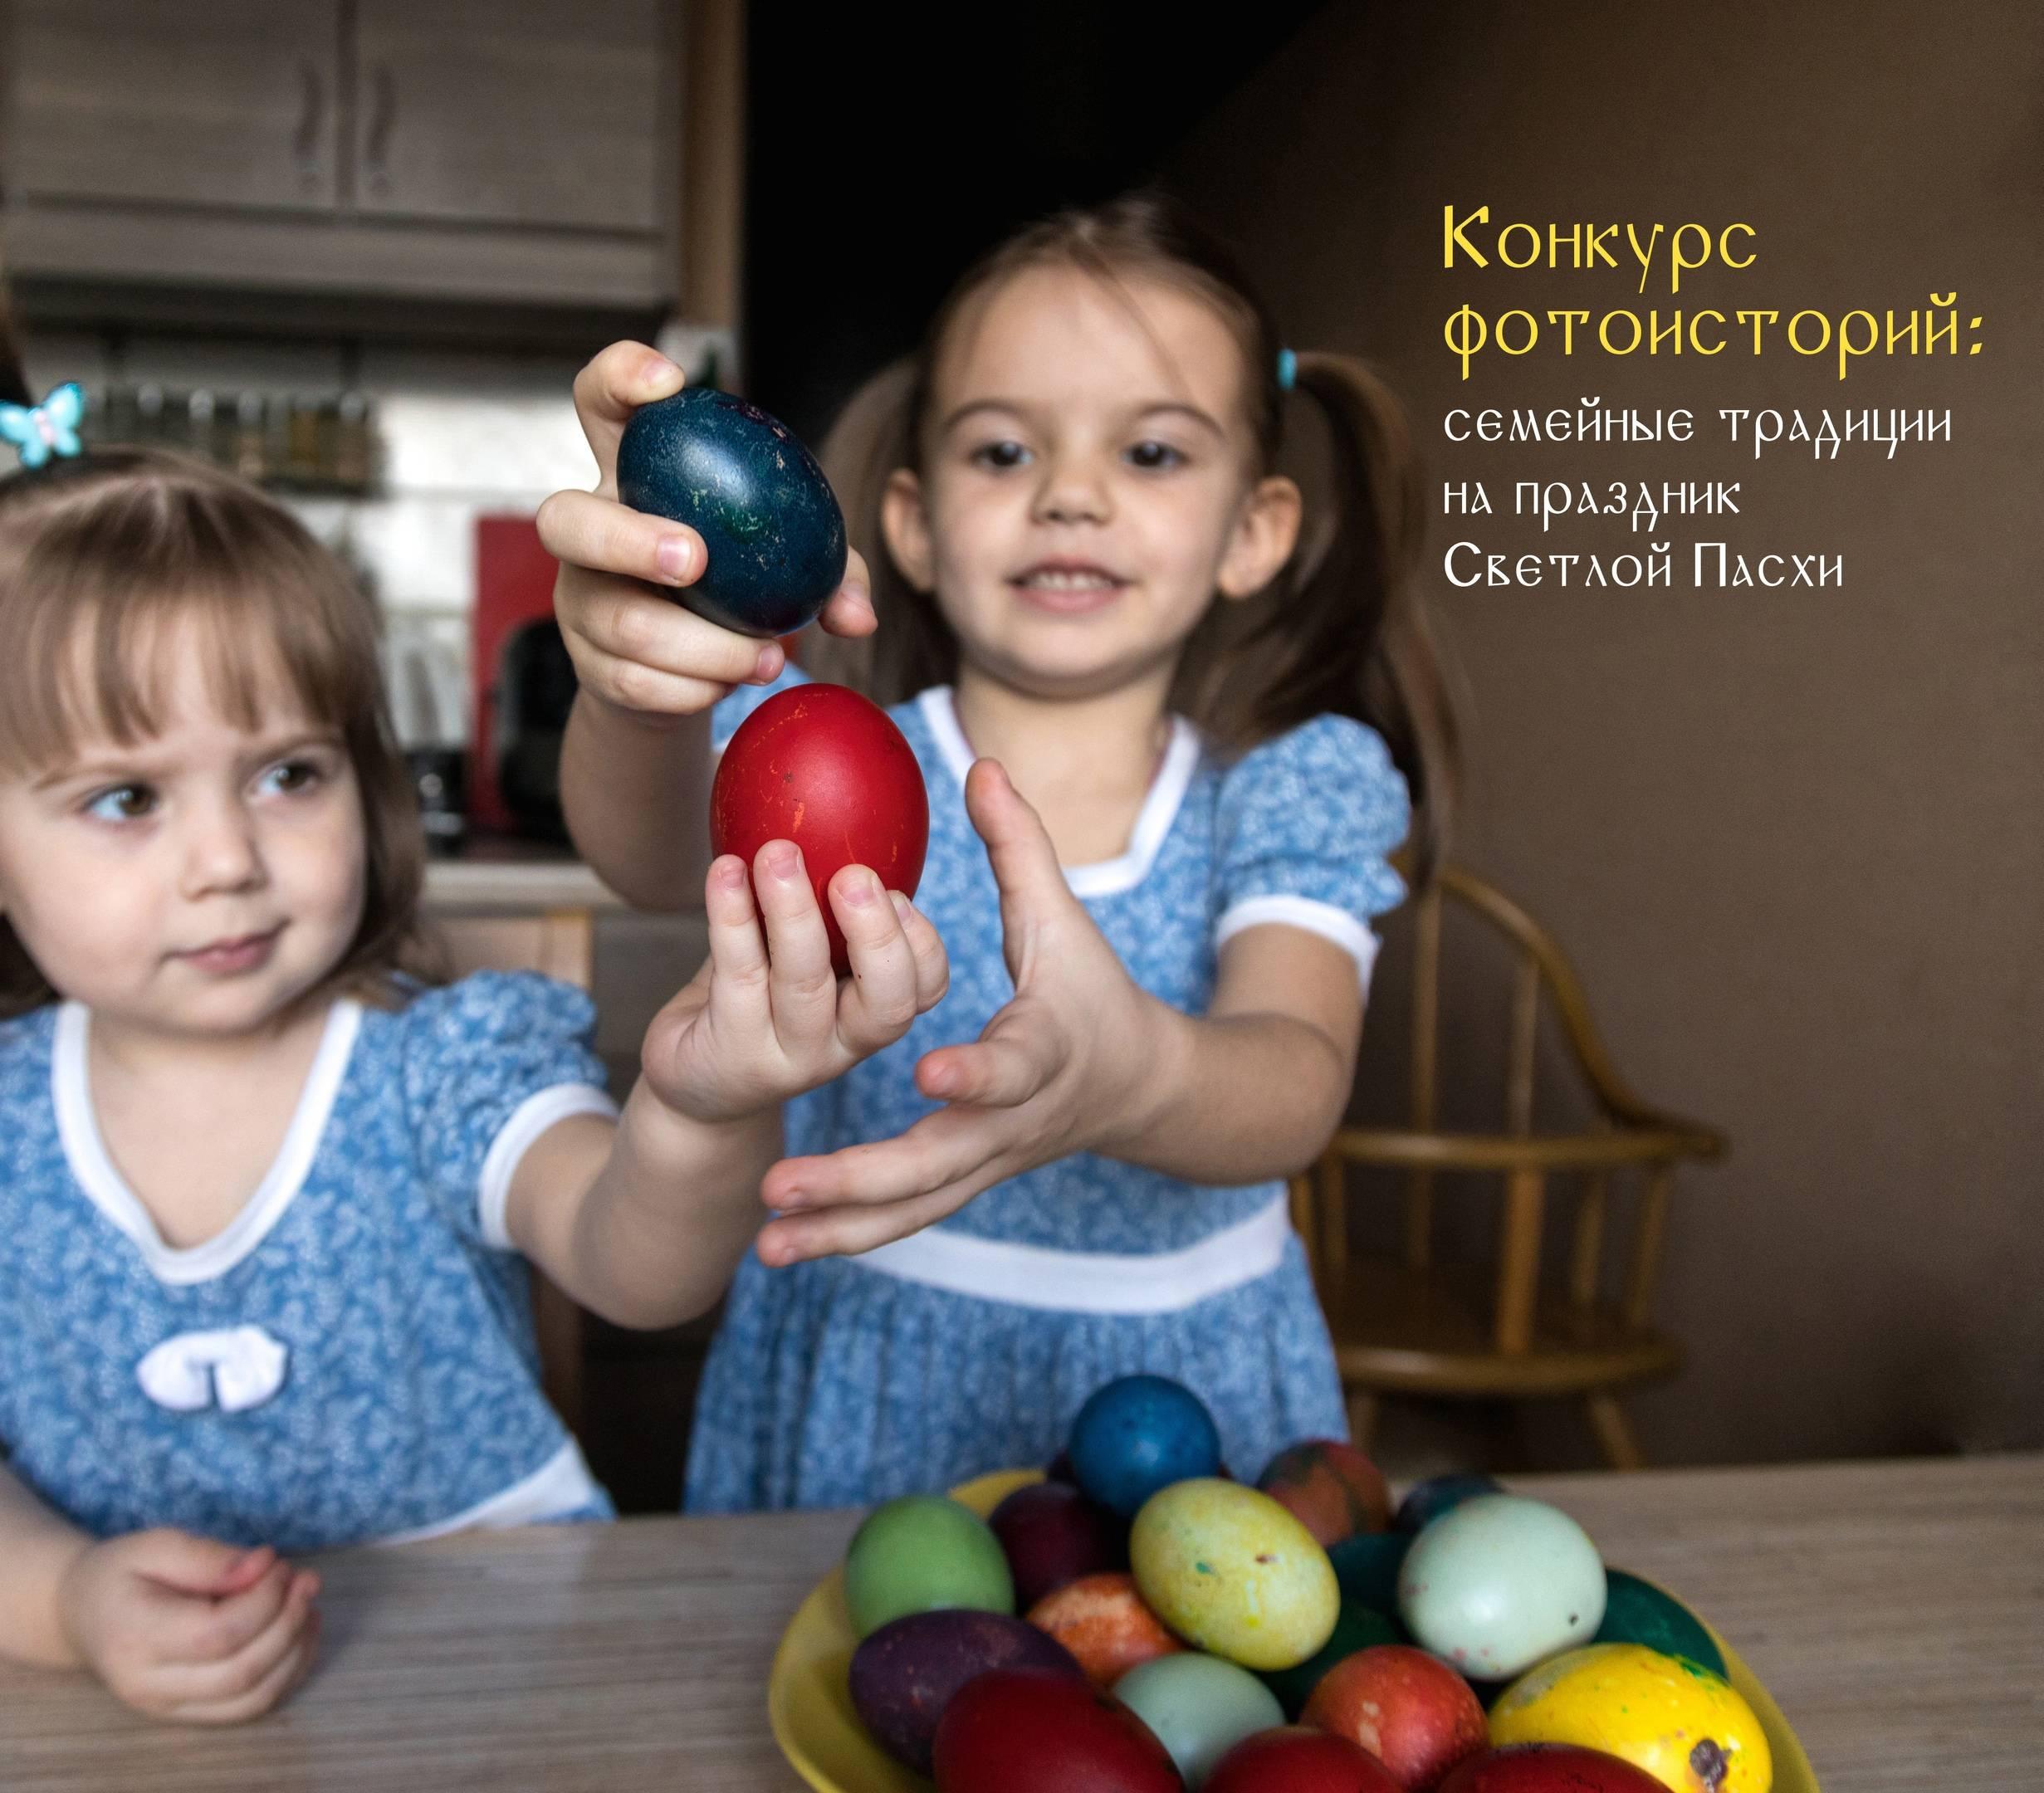 Пасхальный конкурс стартовал в группе «Серафимова земля» в ВКонтакте